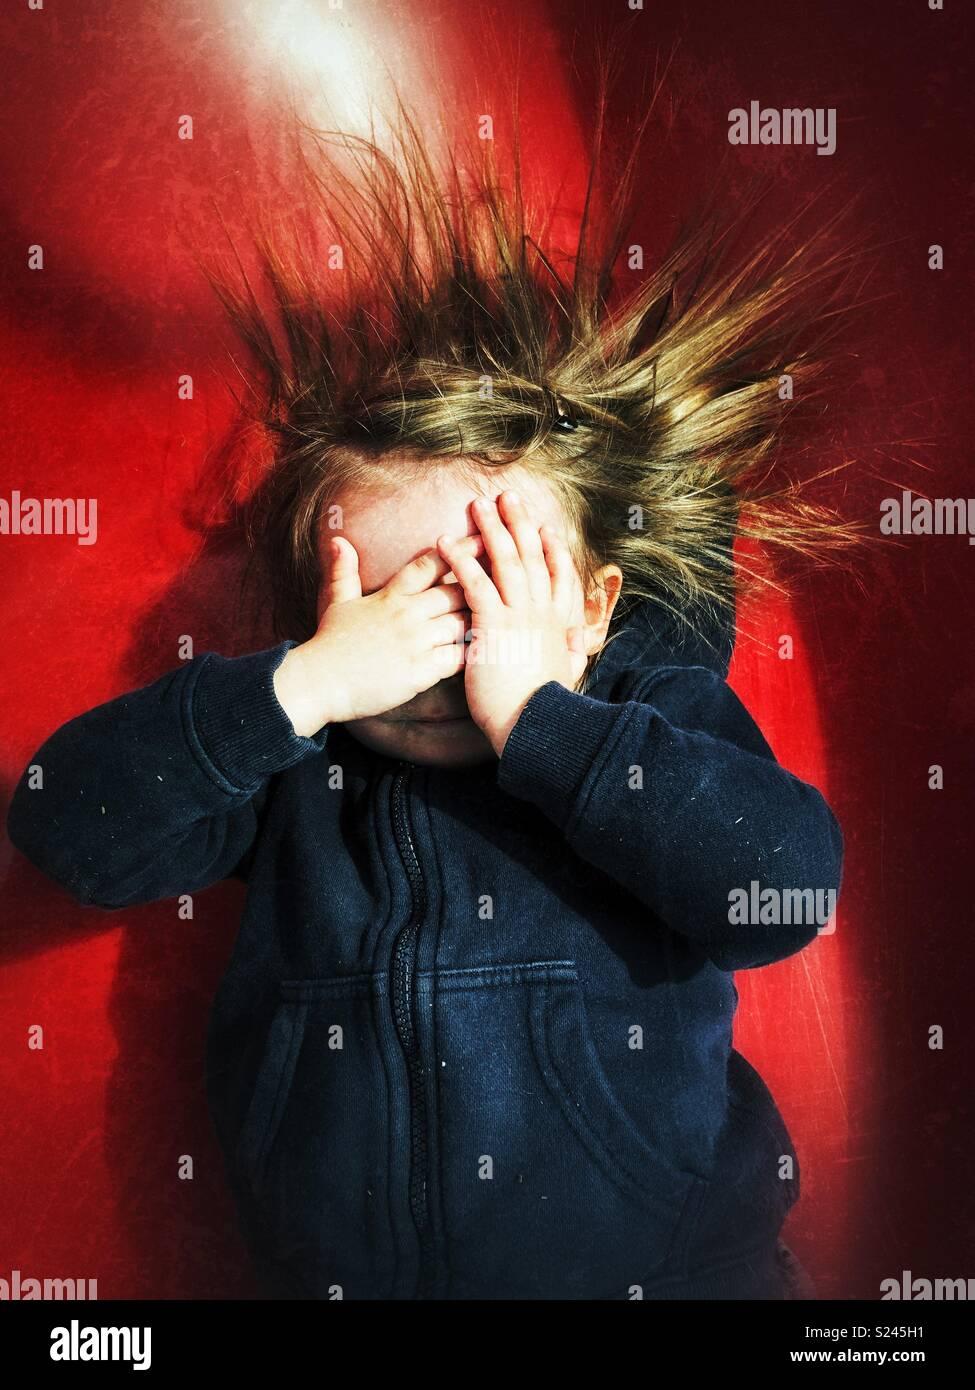 Il Toddler girl che copre il viso con le mani e i capelli bloccata a causa dell'elettricità statica da una slitta rossa Immagini Stock